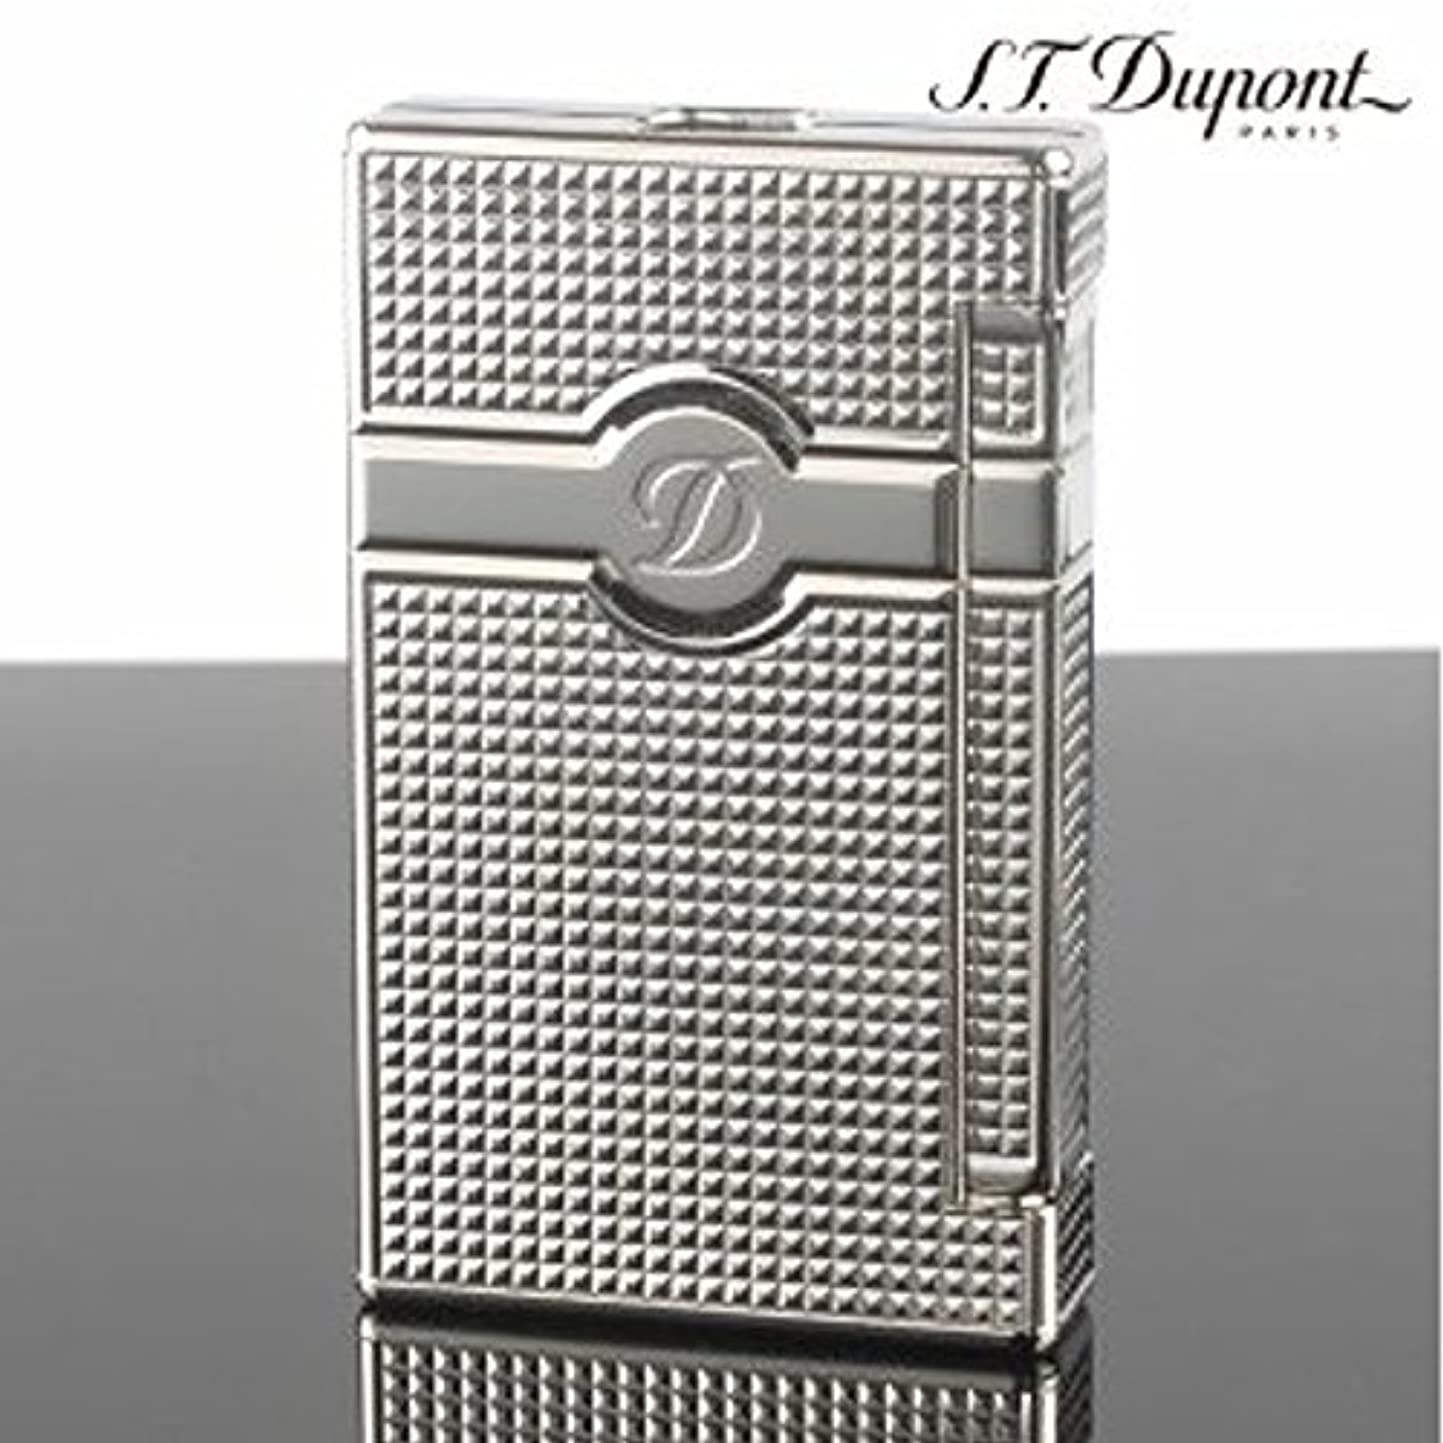 死関数手首S.T.Dupont (エス?テー?デュポン) LINE2 Torch lighter ダイヤモンドヘッド パラディウム デュポン ターボライター 23005 [国内正規品]